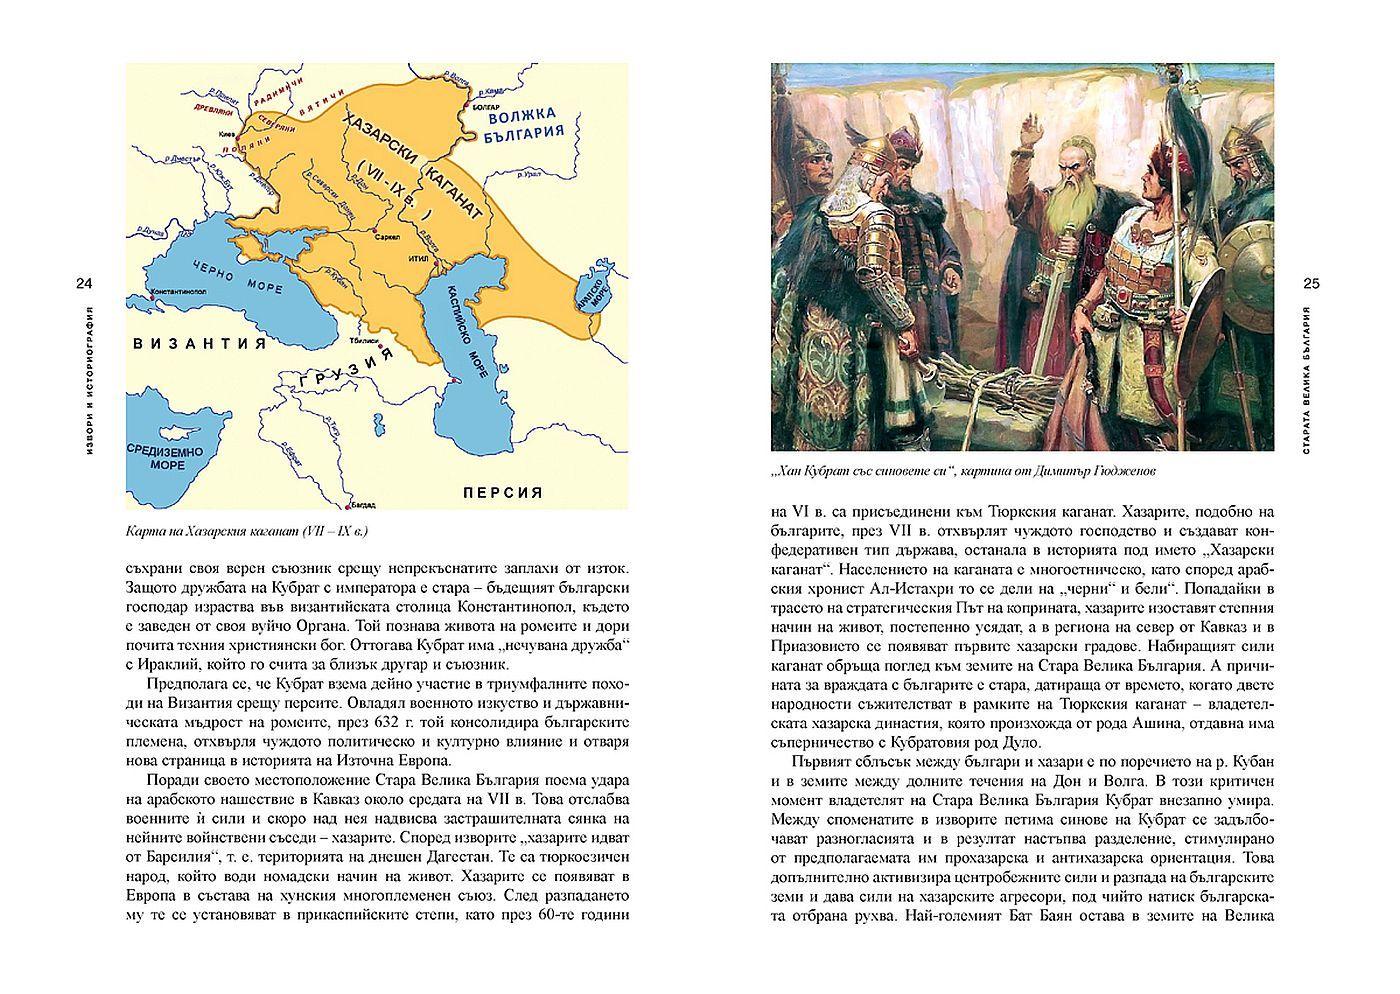 Великата България на Волга през средните векове - 4